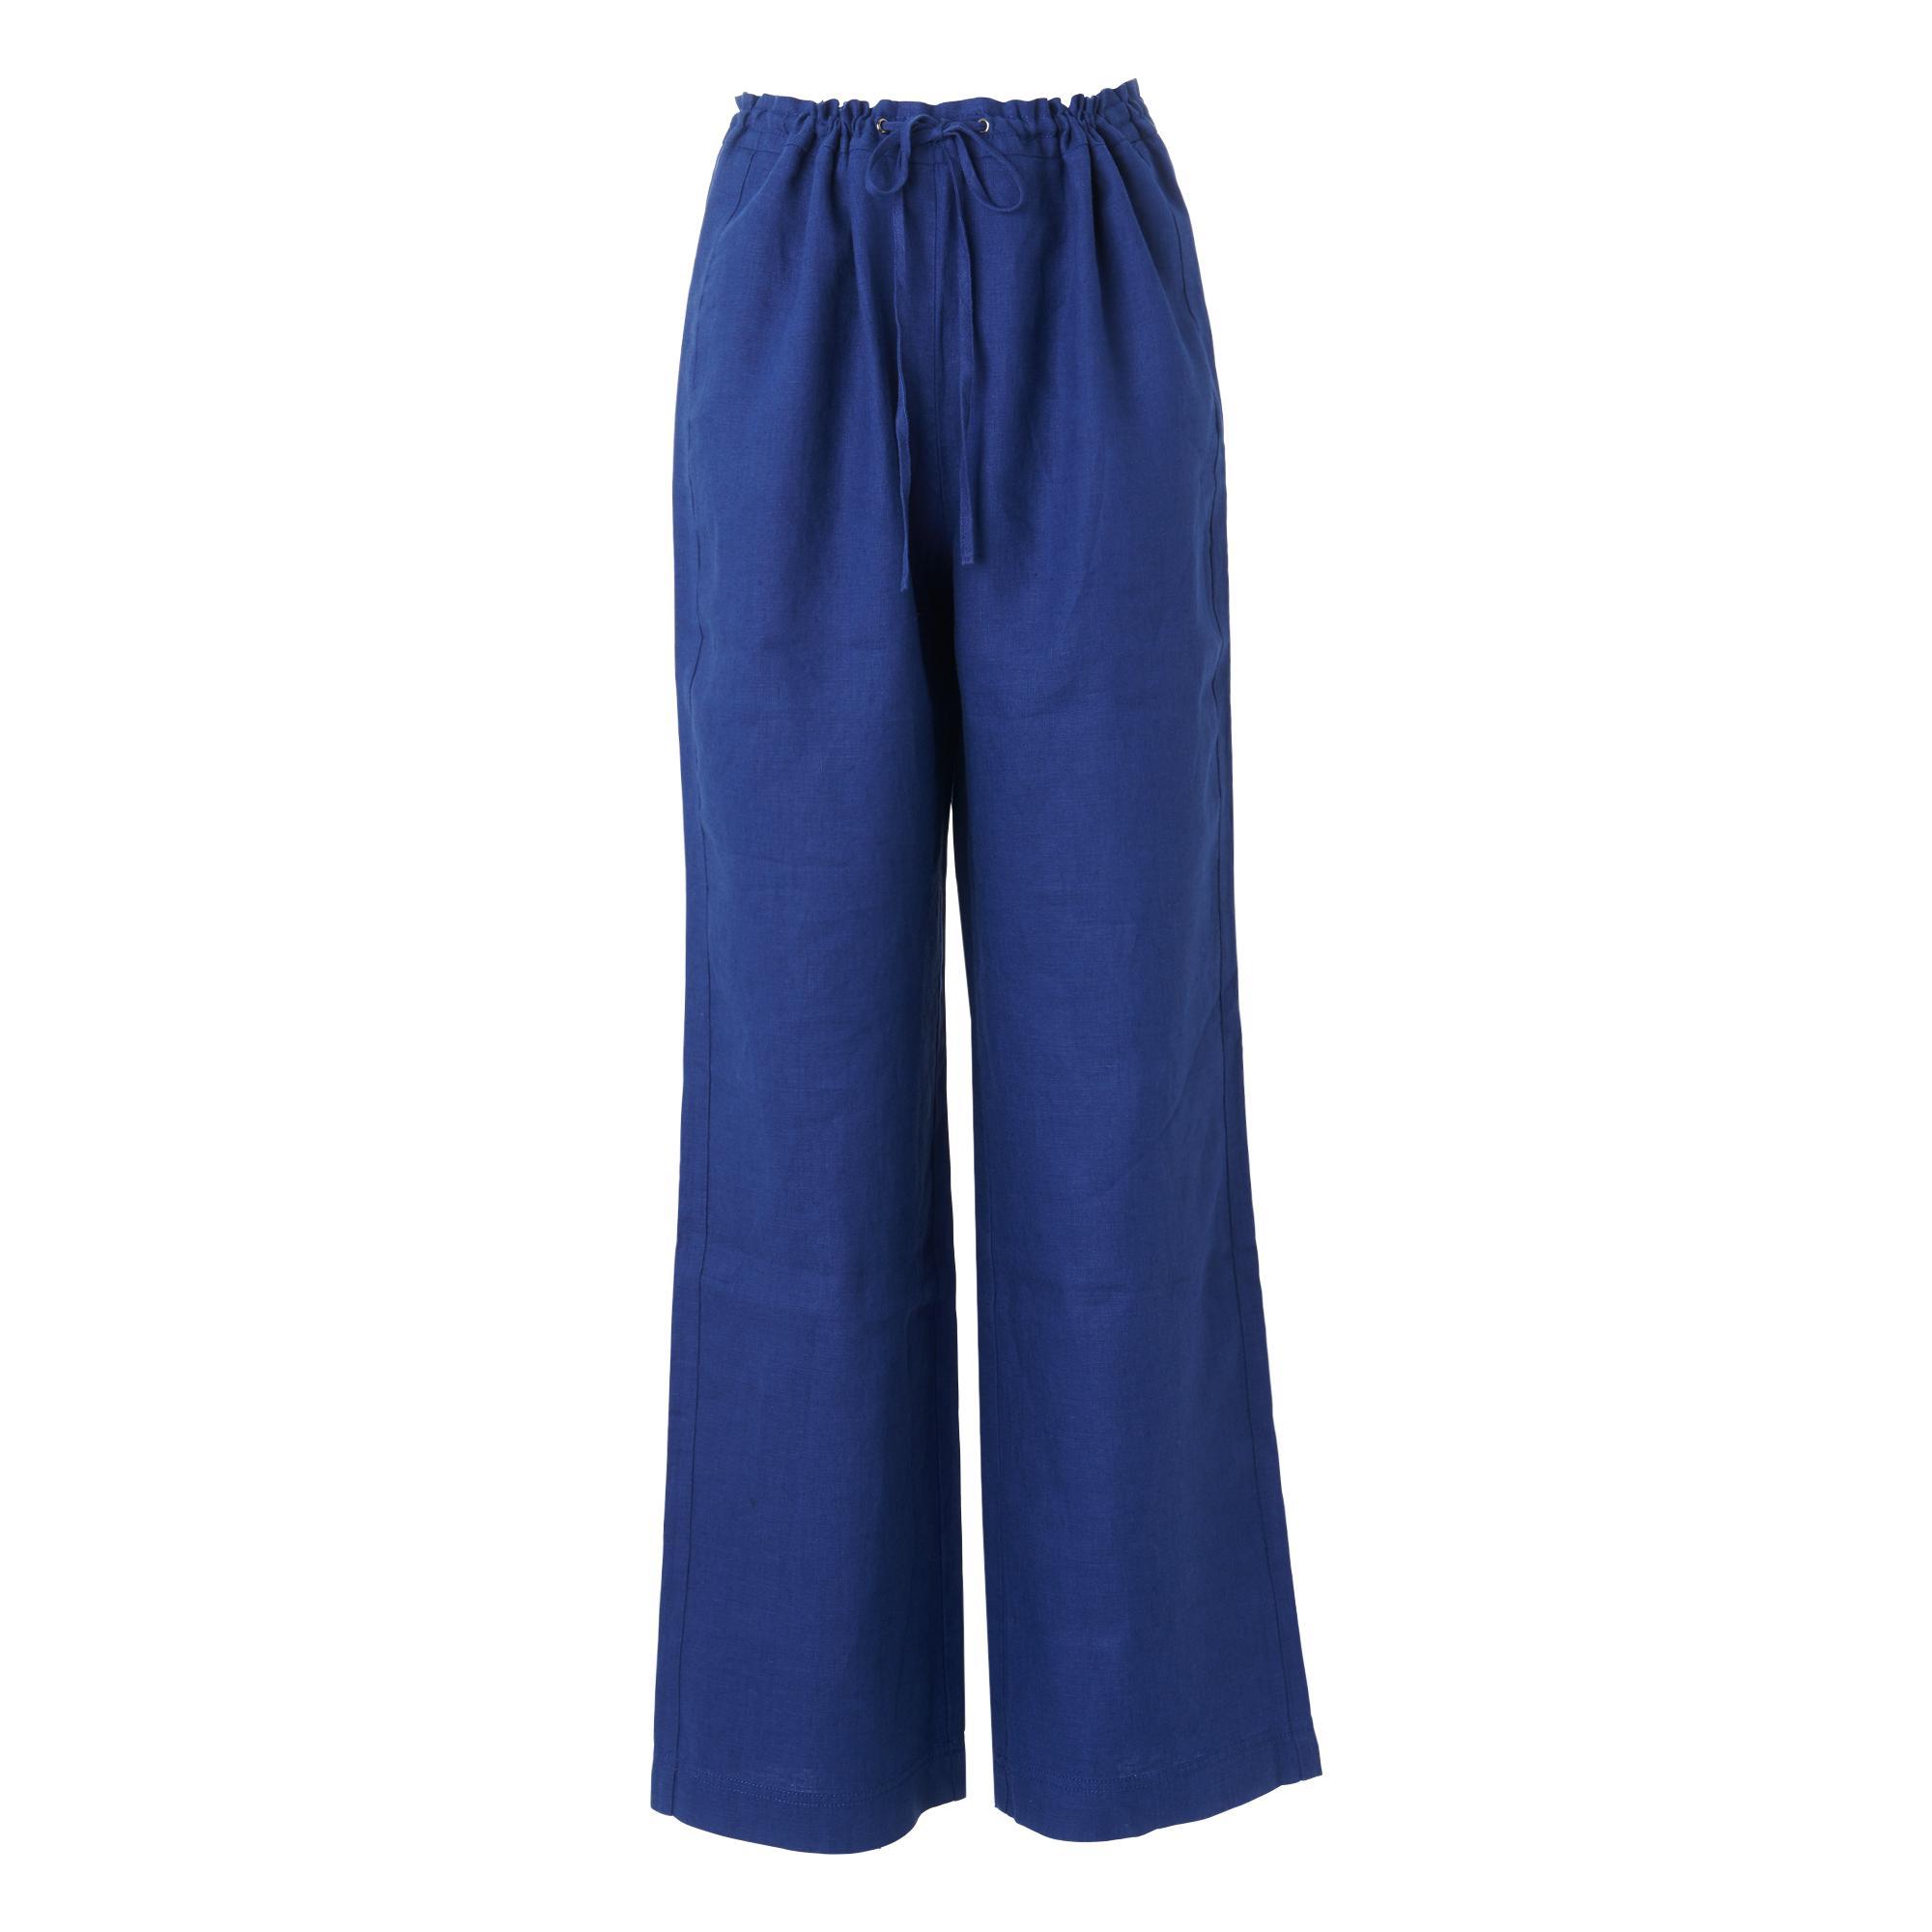 Oriole Blue Linen Pants